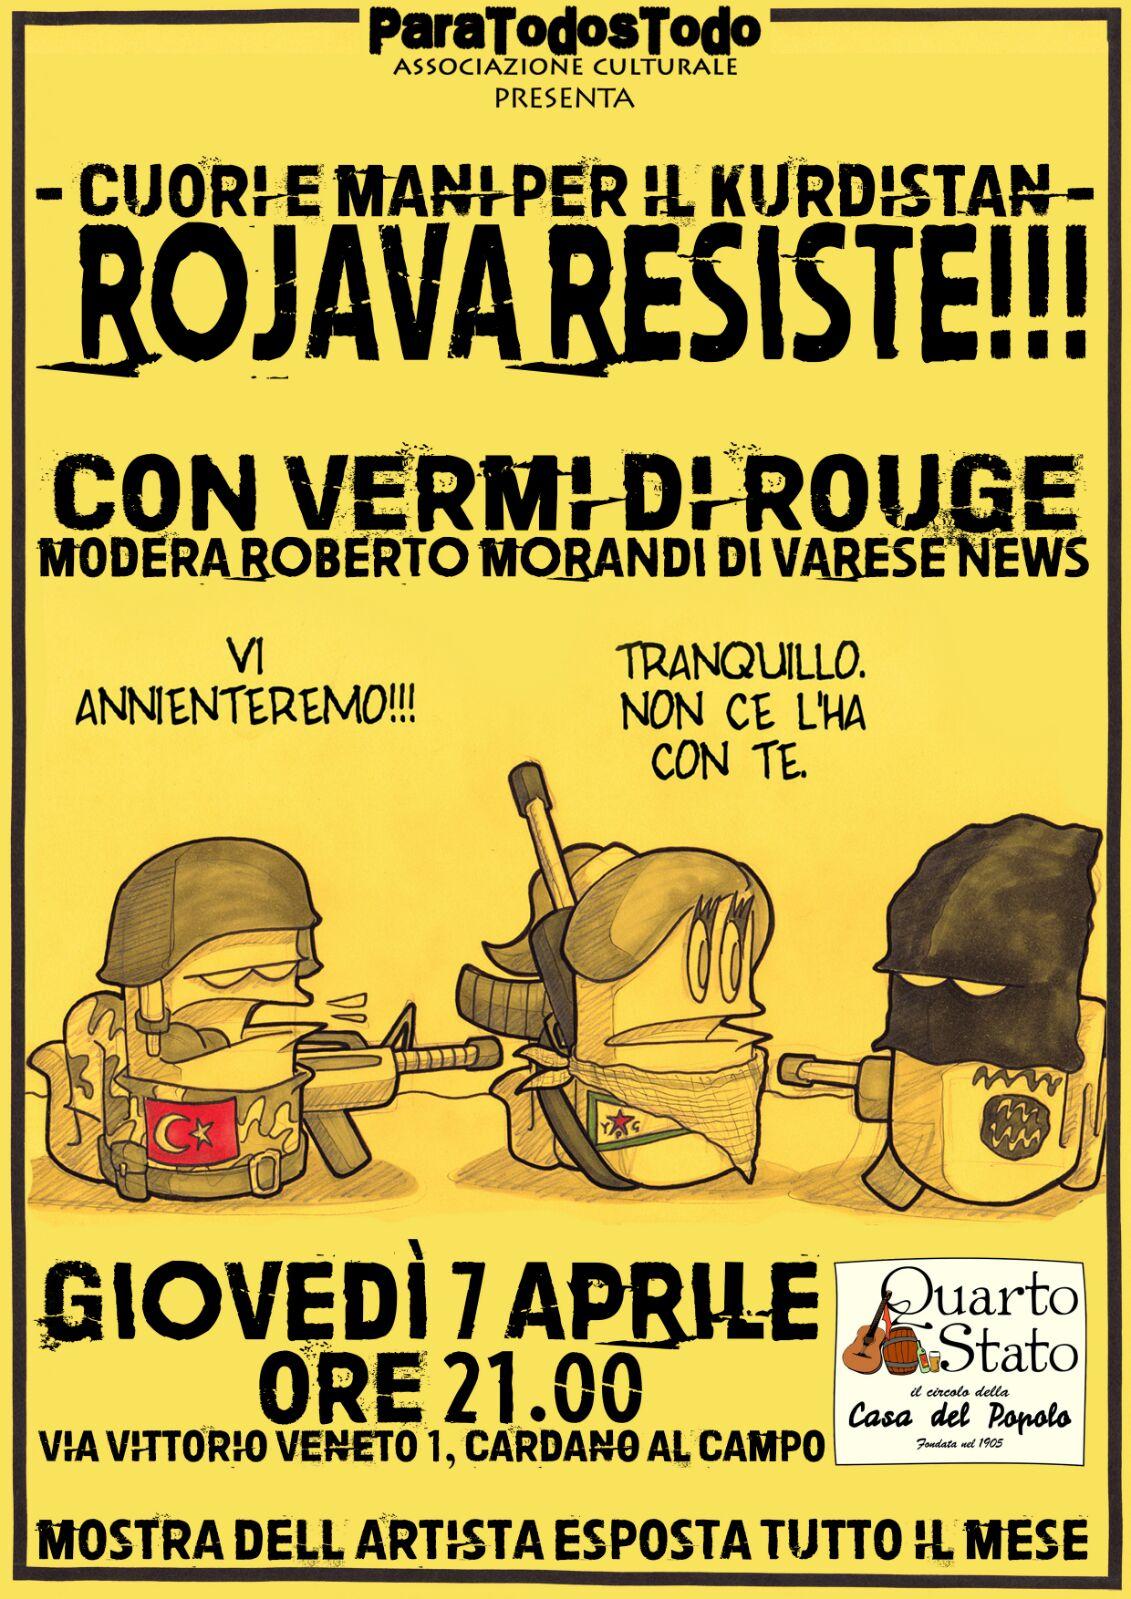 quarto_stato_rojava_resiste